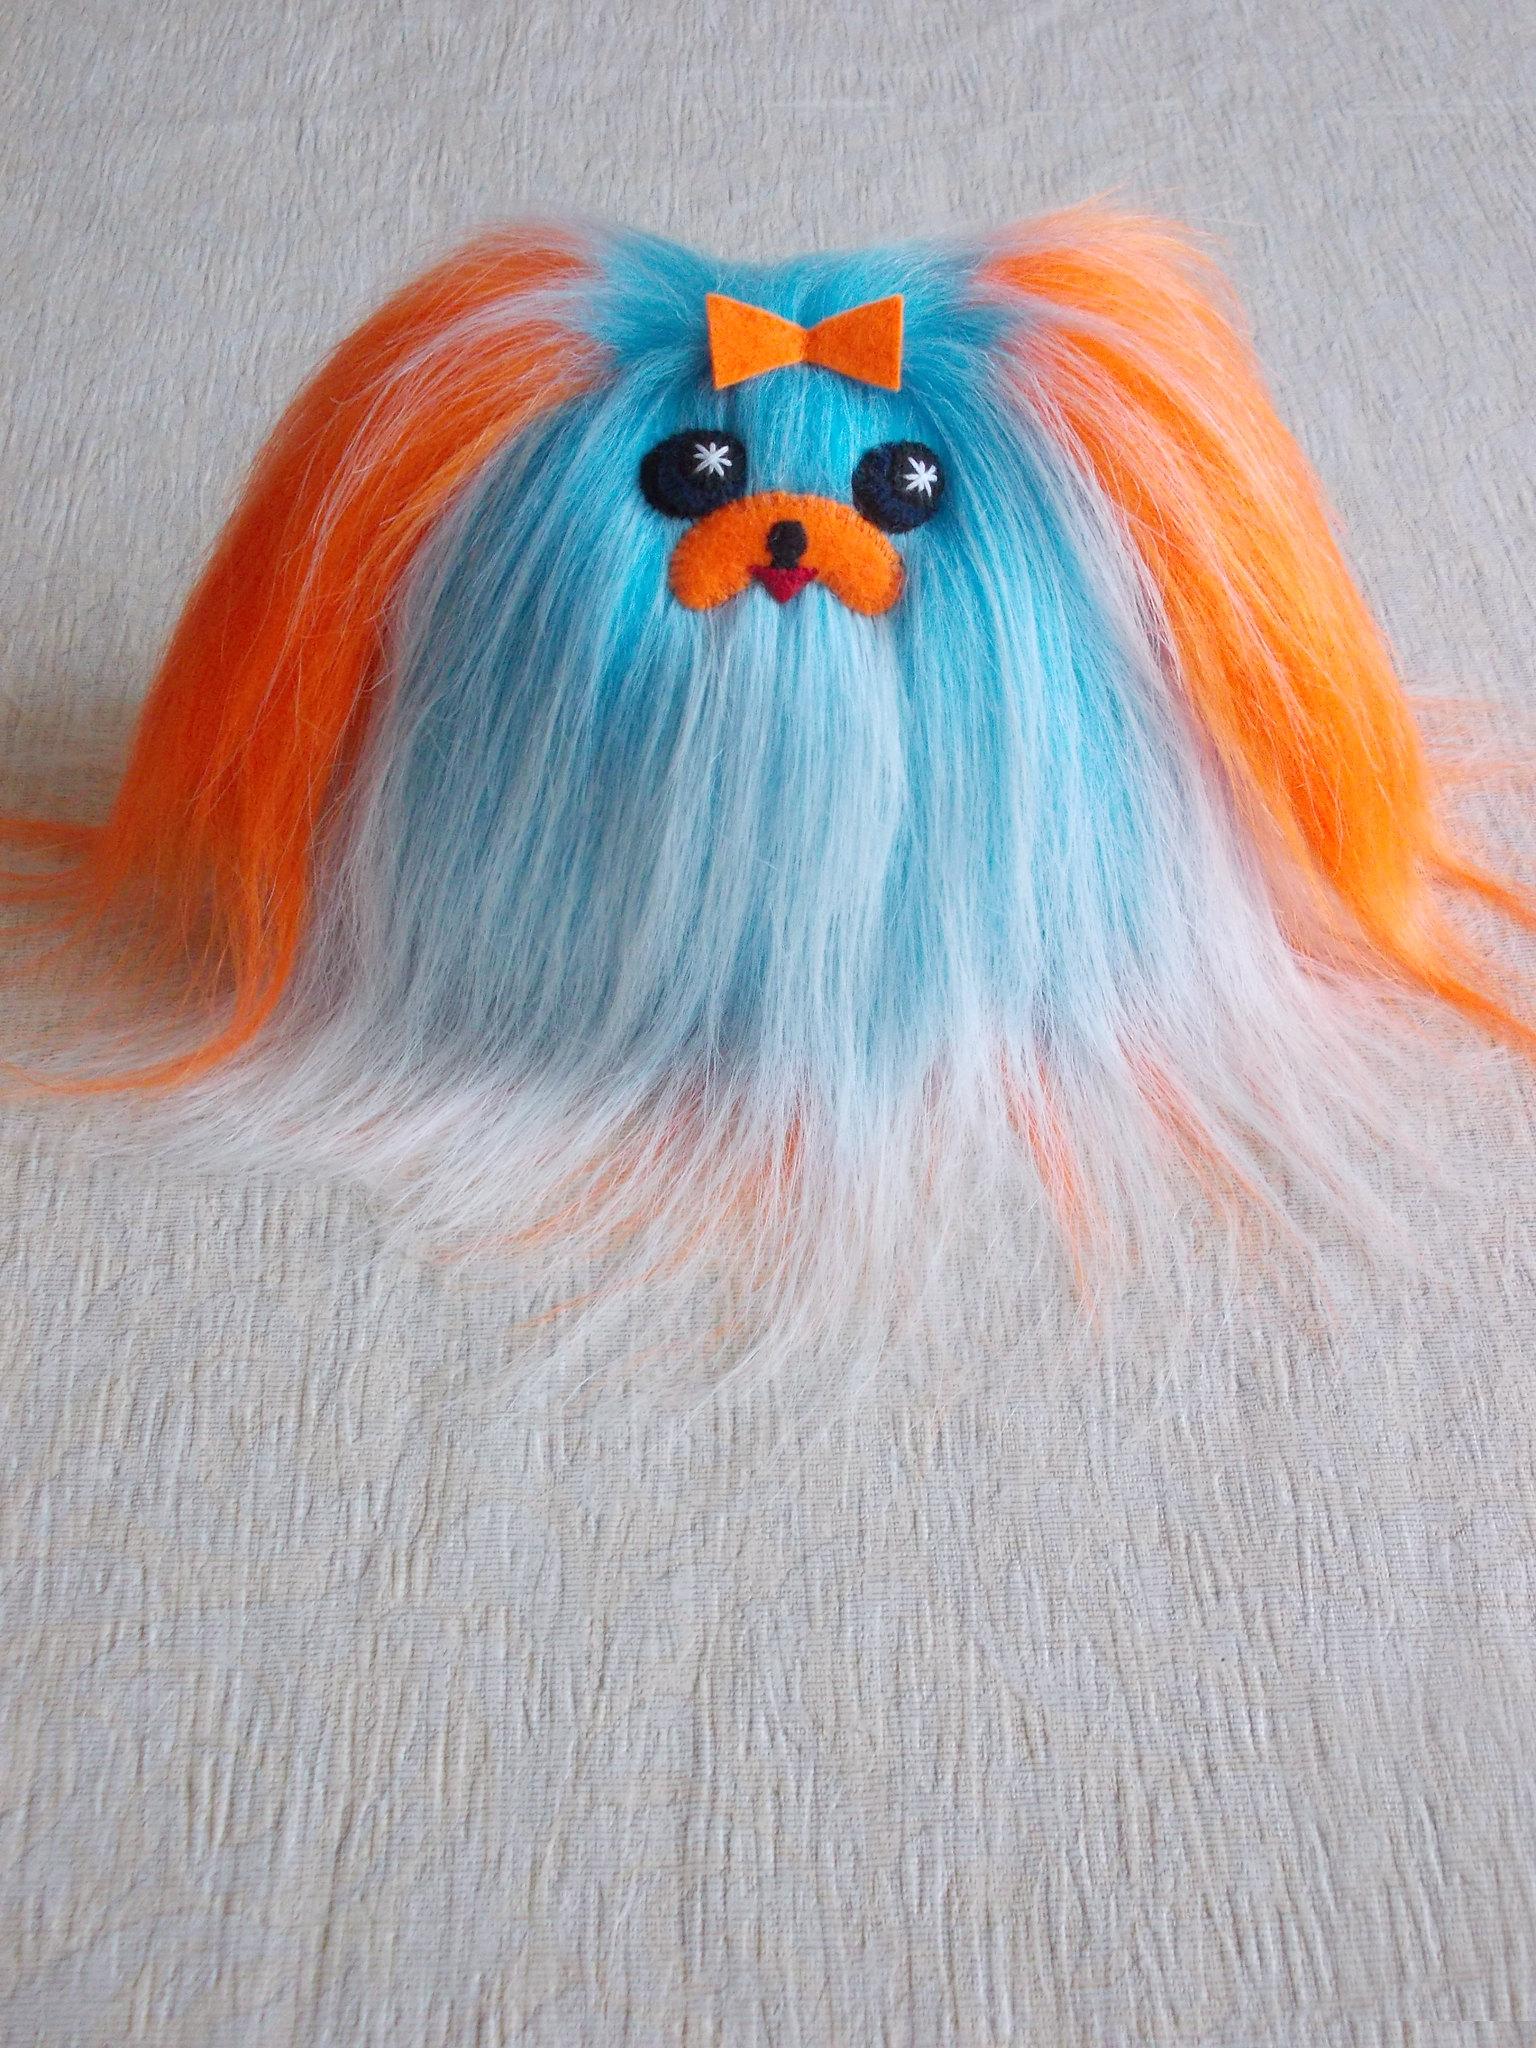 Plush dog_ fluffy dog_fuzzy dog_ furry dog_ small dog_childrens dog_stuffed dog_ blue orange dog_10